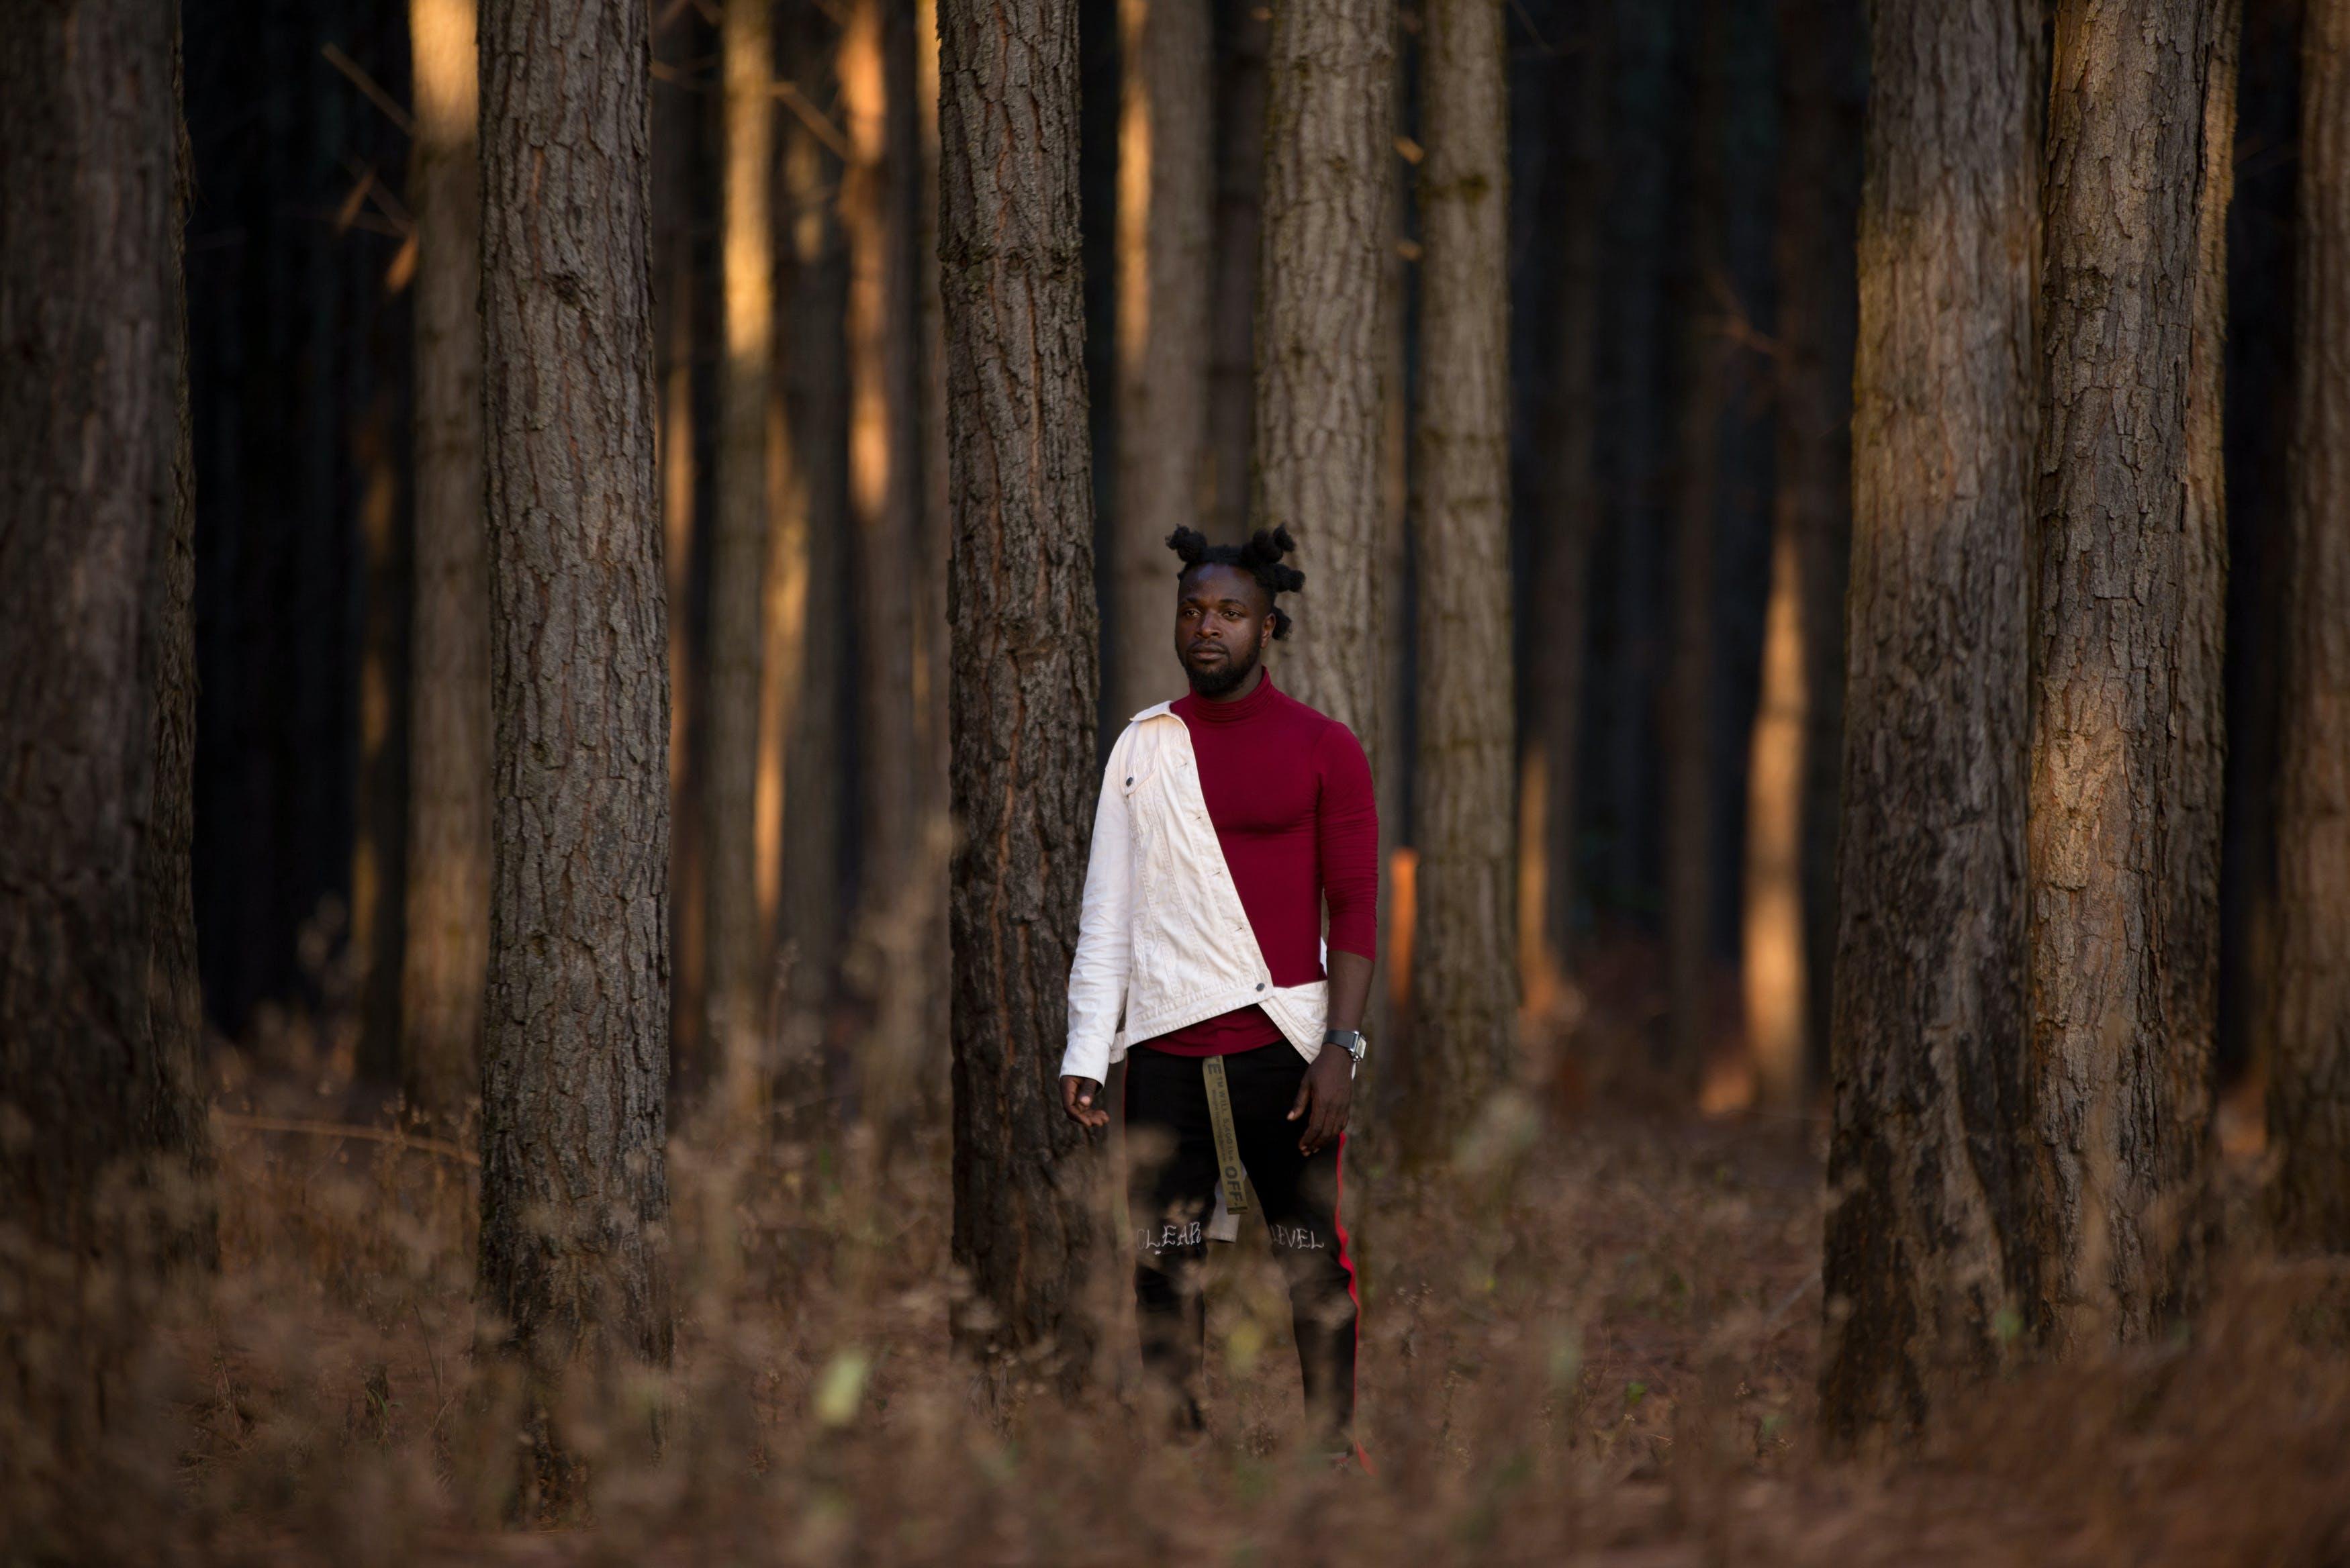 Kostenloses Stock Foto zu landschaft, mann, person, wald